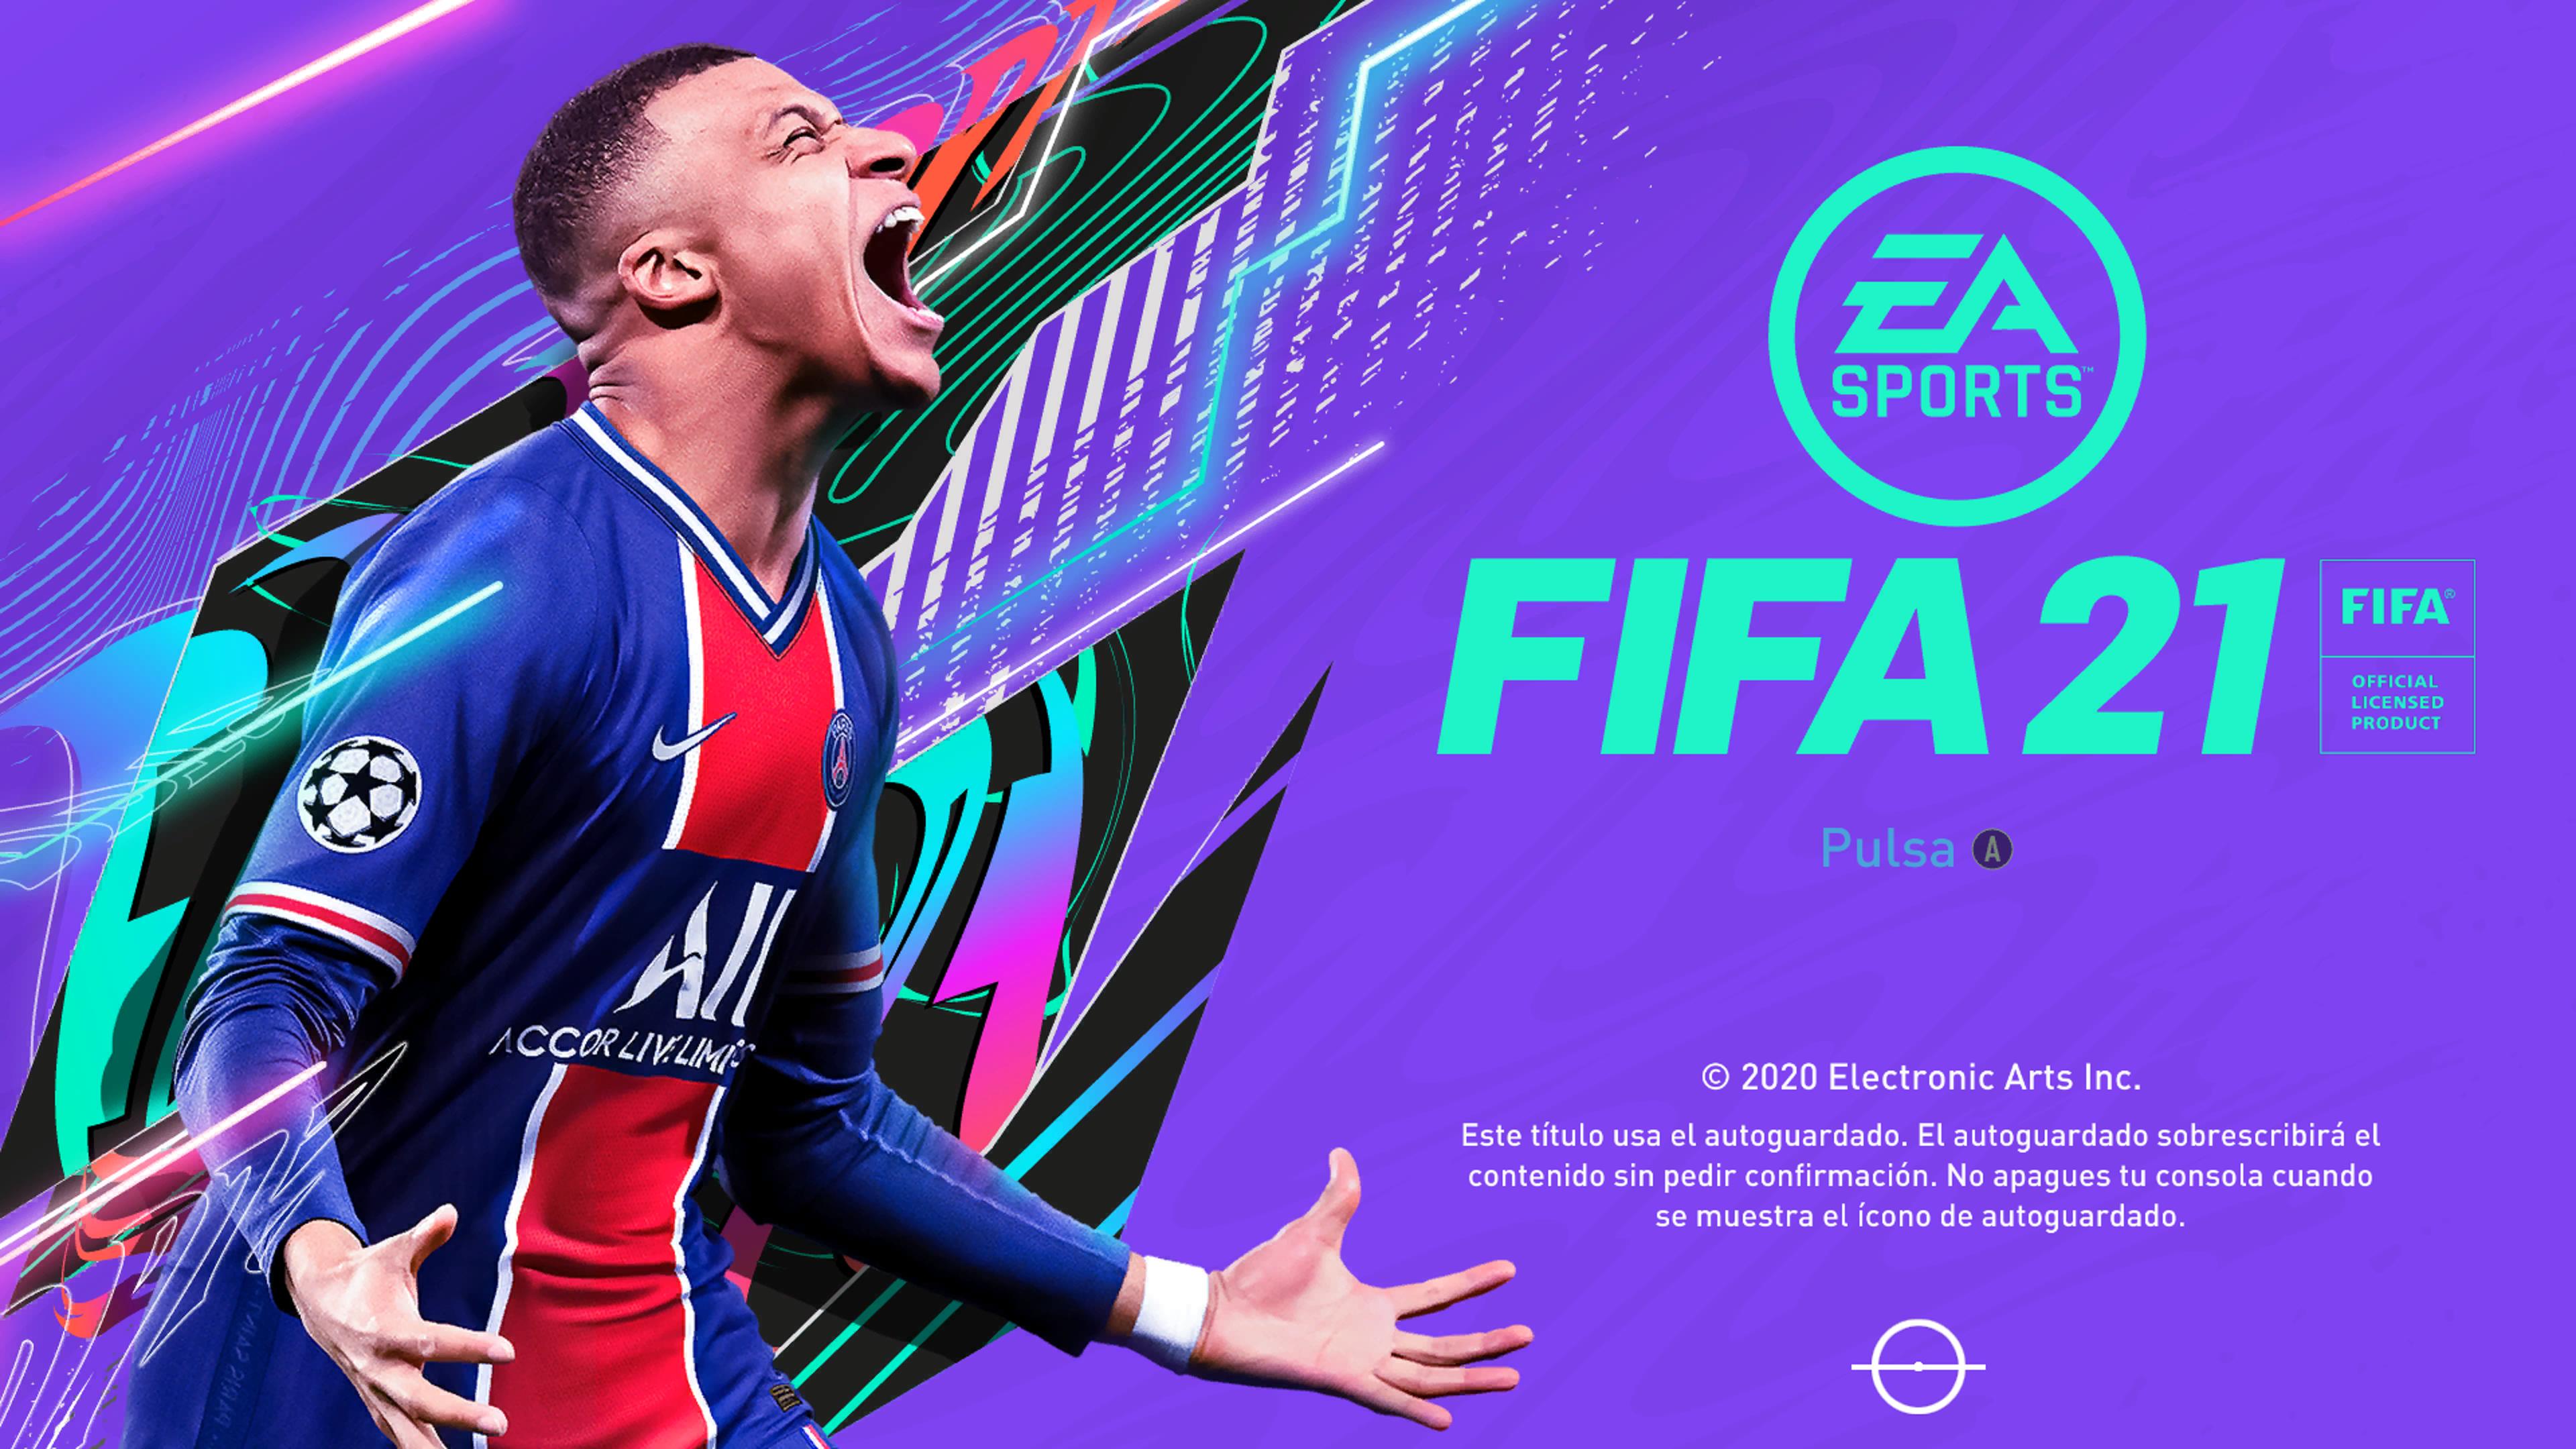 bwnq9jksgu_FIFA 21 2020-11-02 20-18-49.png